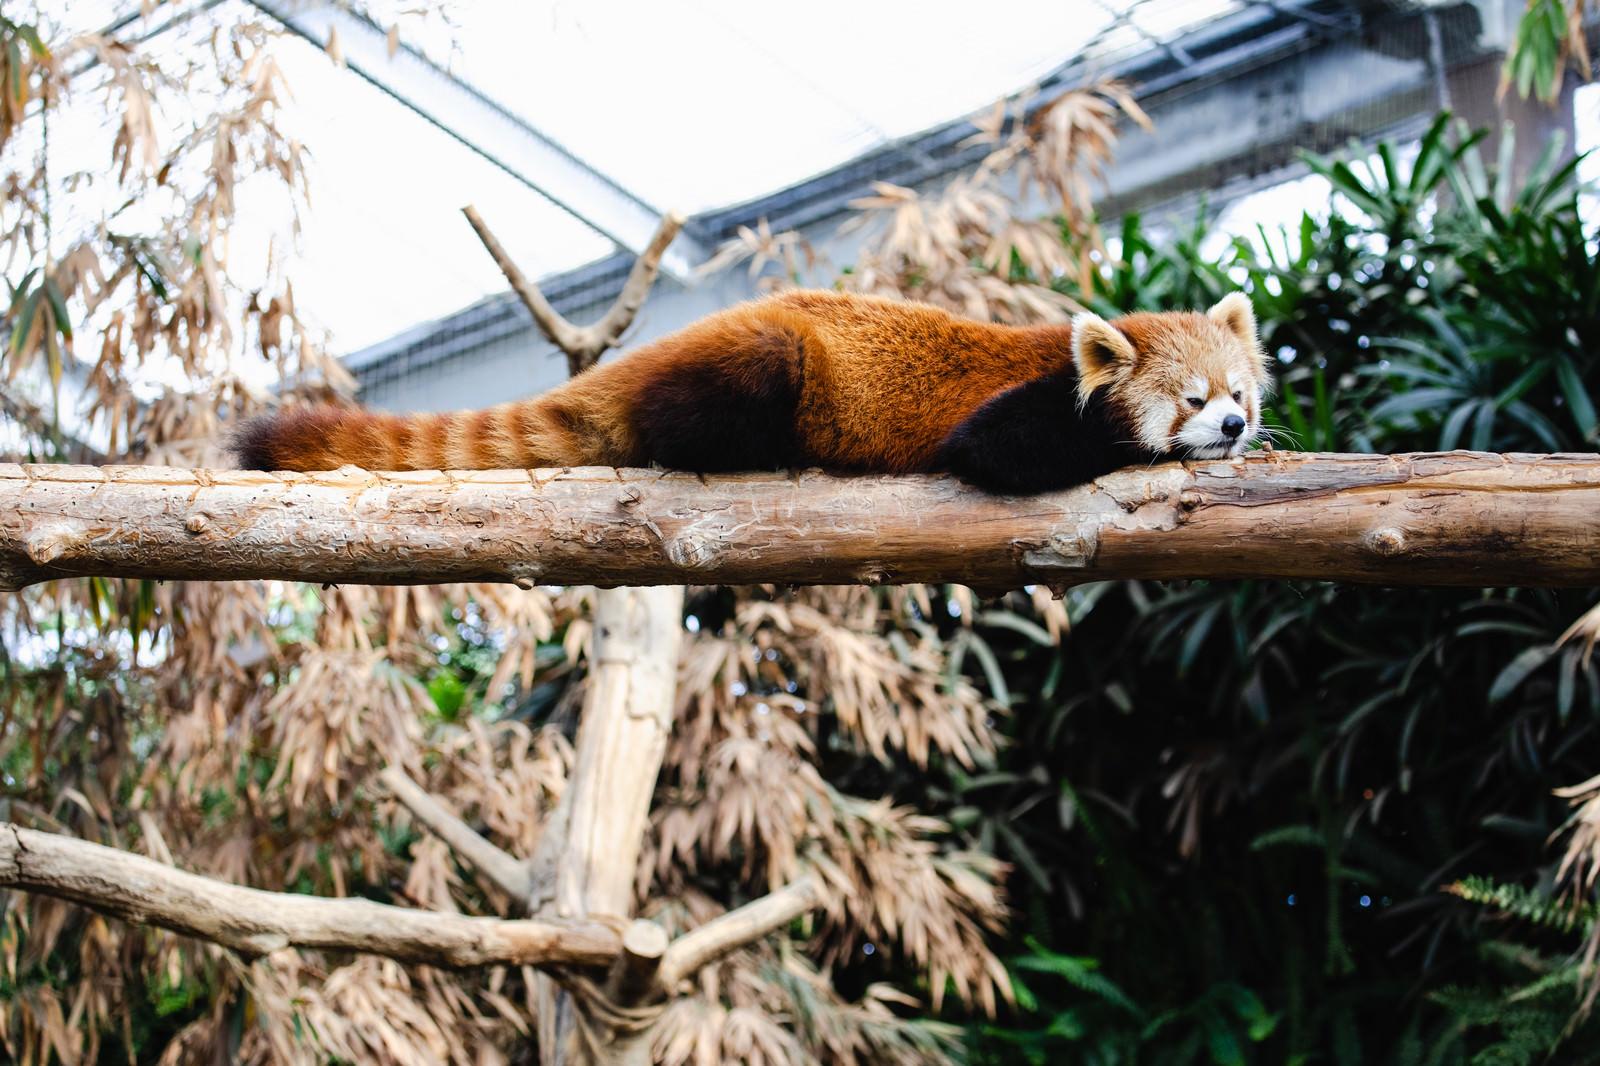 「寝たら落ちそうなレッサーパンダ」の写真